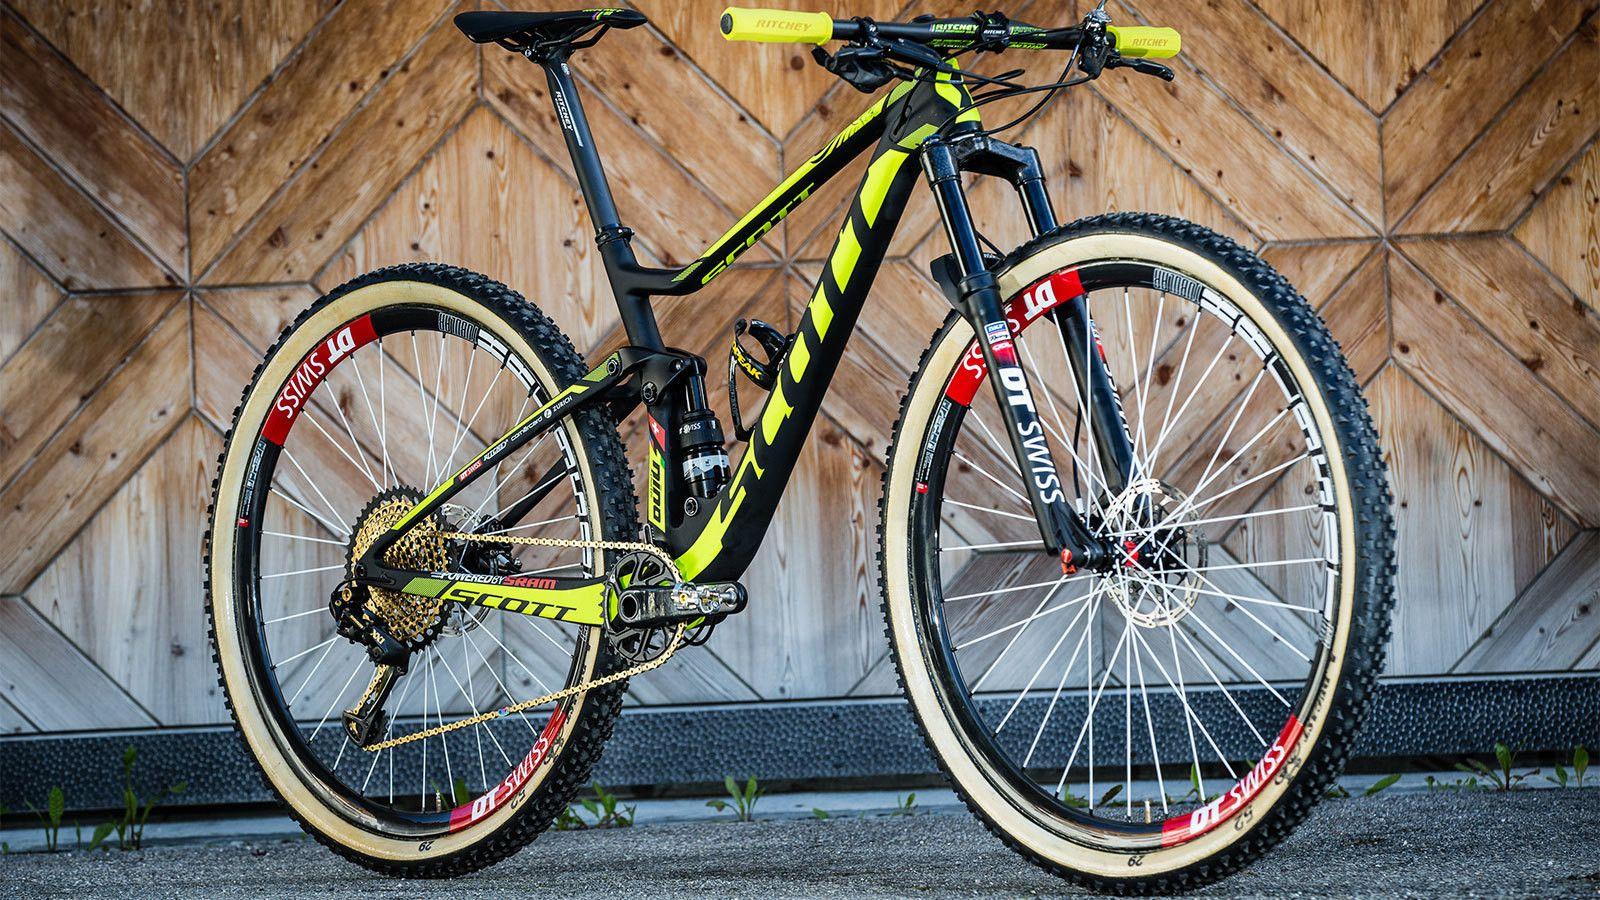 S1600 Nino1 Scott Spark Scott Bikes Scott Mtb